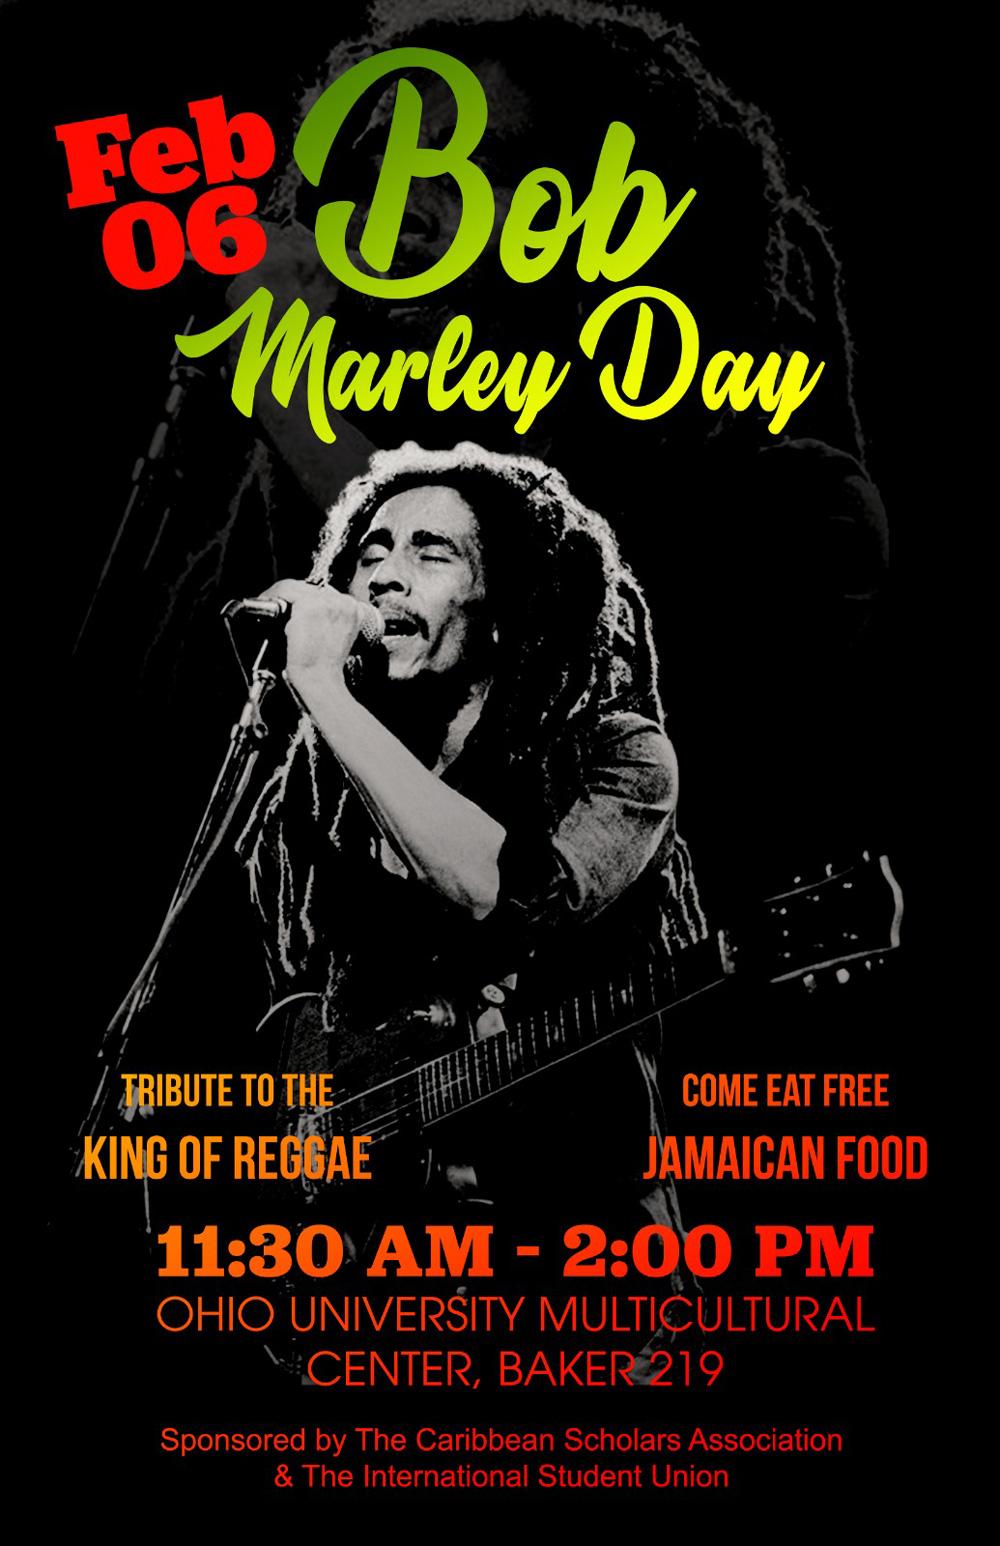 Bob Marley Day celebration is Feb. 6